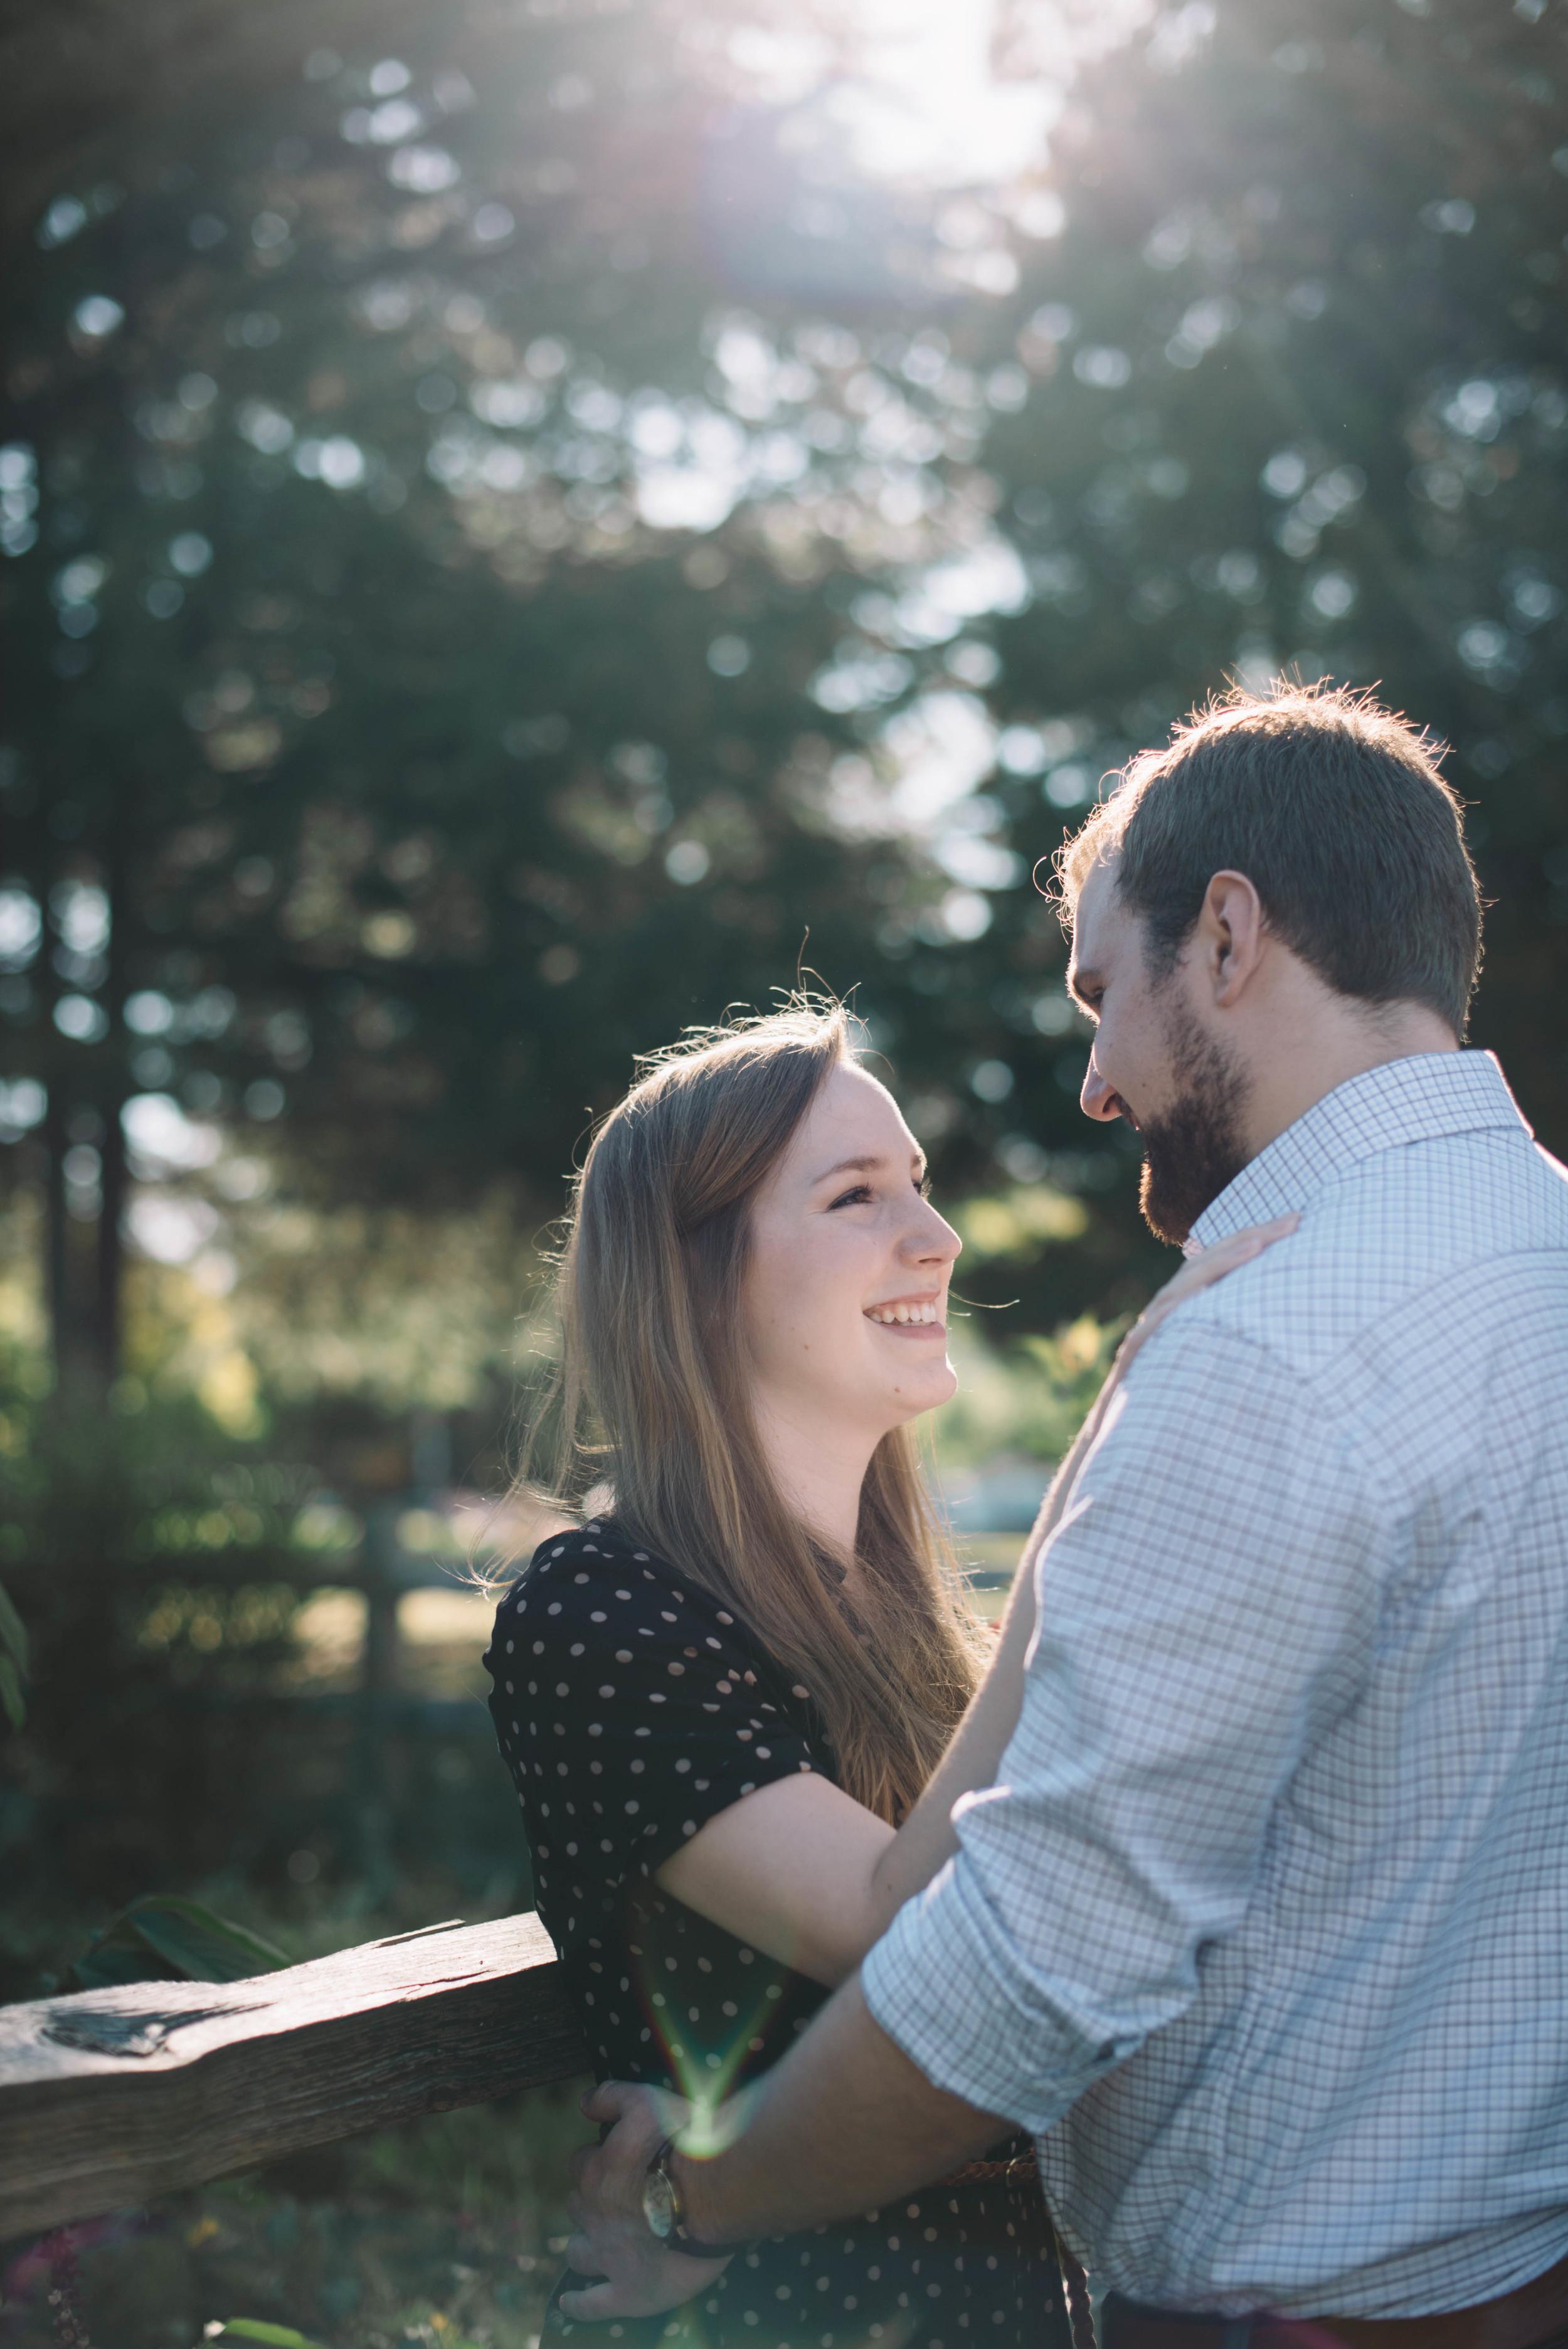 Marisa & Eike_Couples Photography_East Van_Vancouver Photography_Katie Powell Photography_-15.jpg